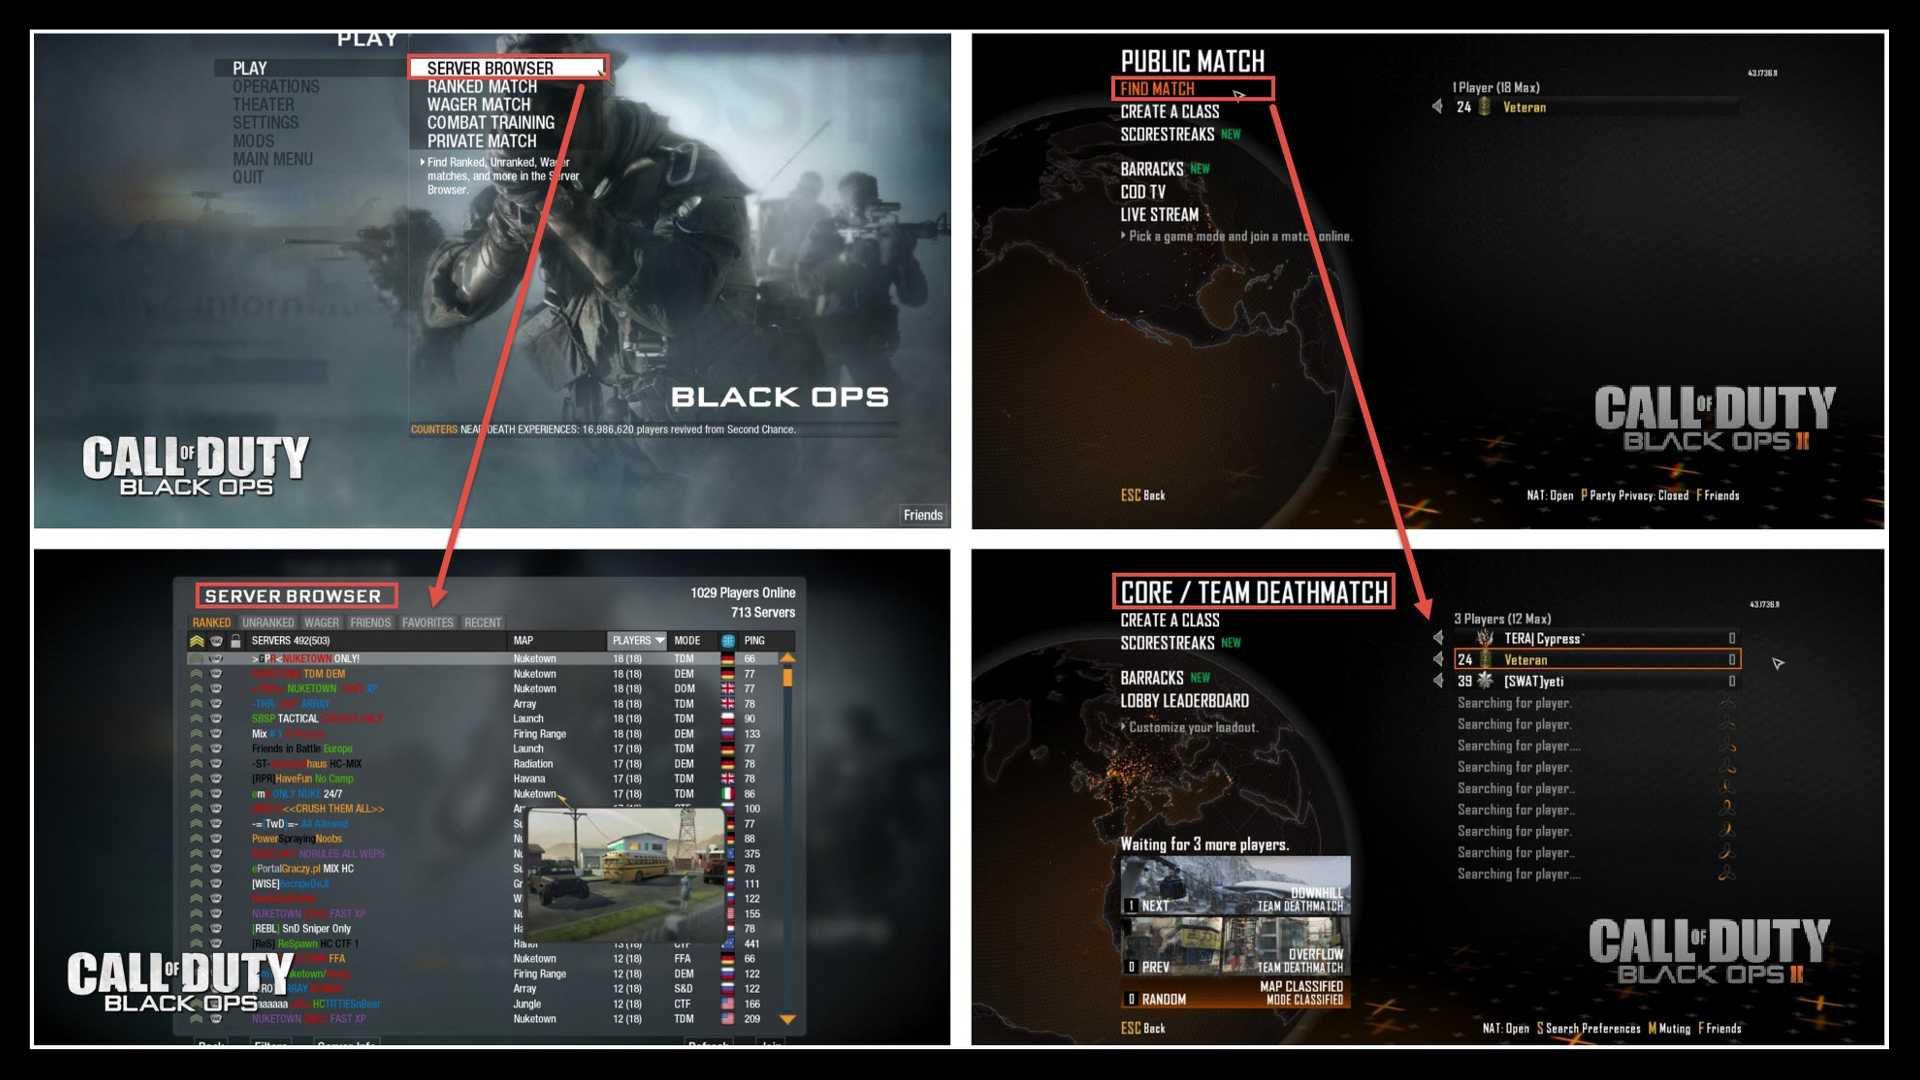 Black Ops Server Browser, Black Ops 2 Find Match